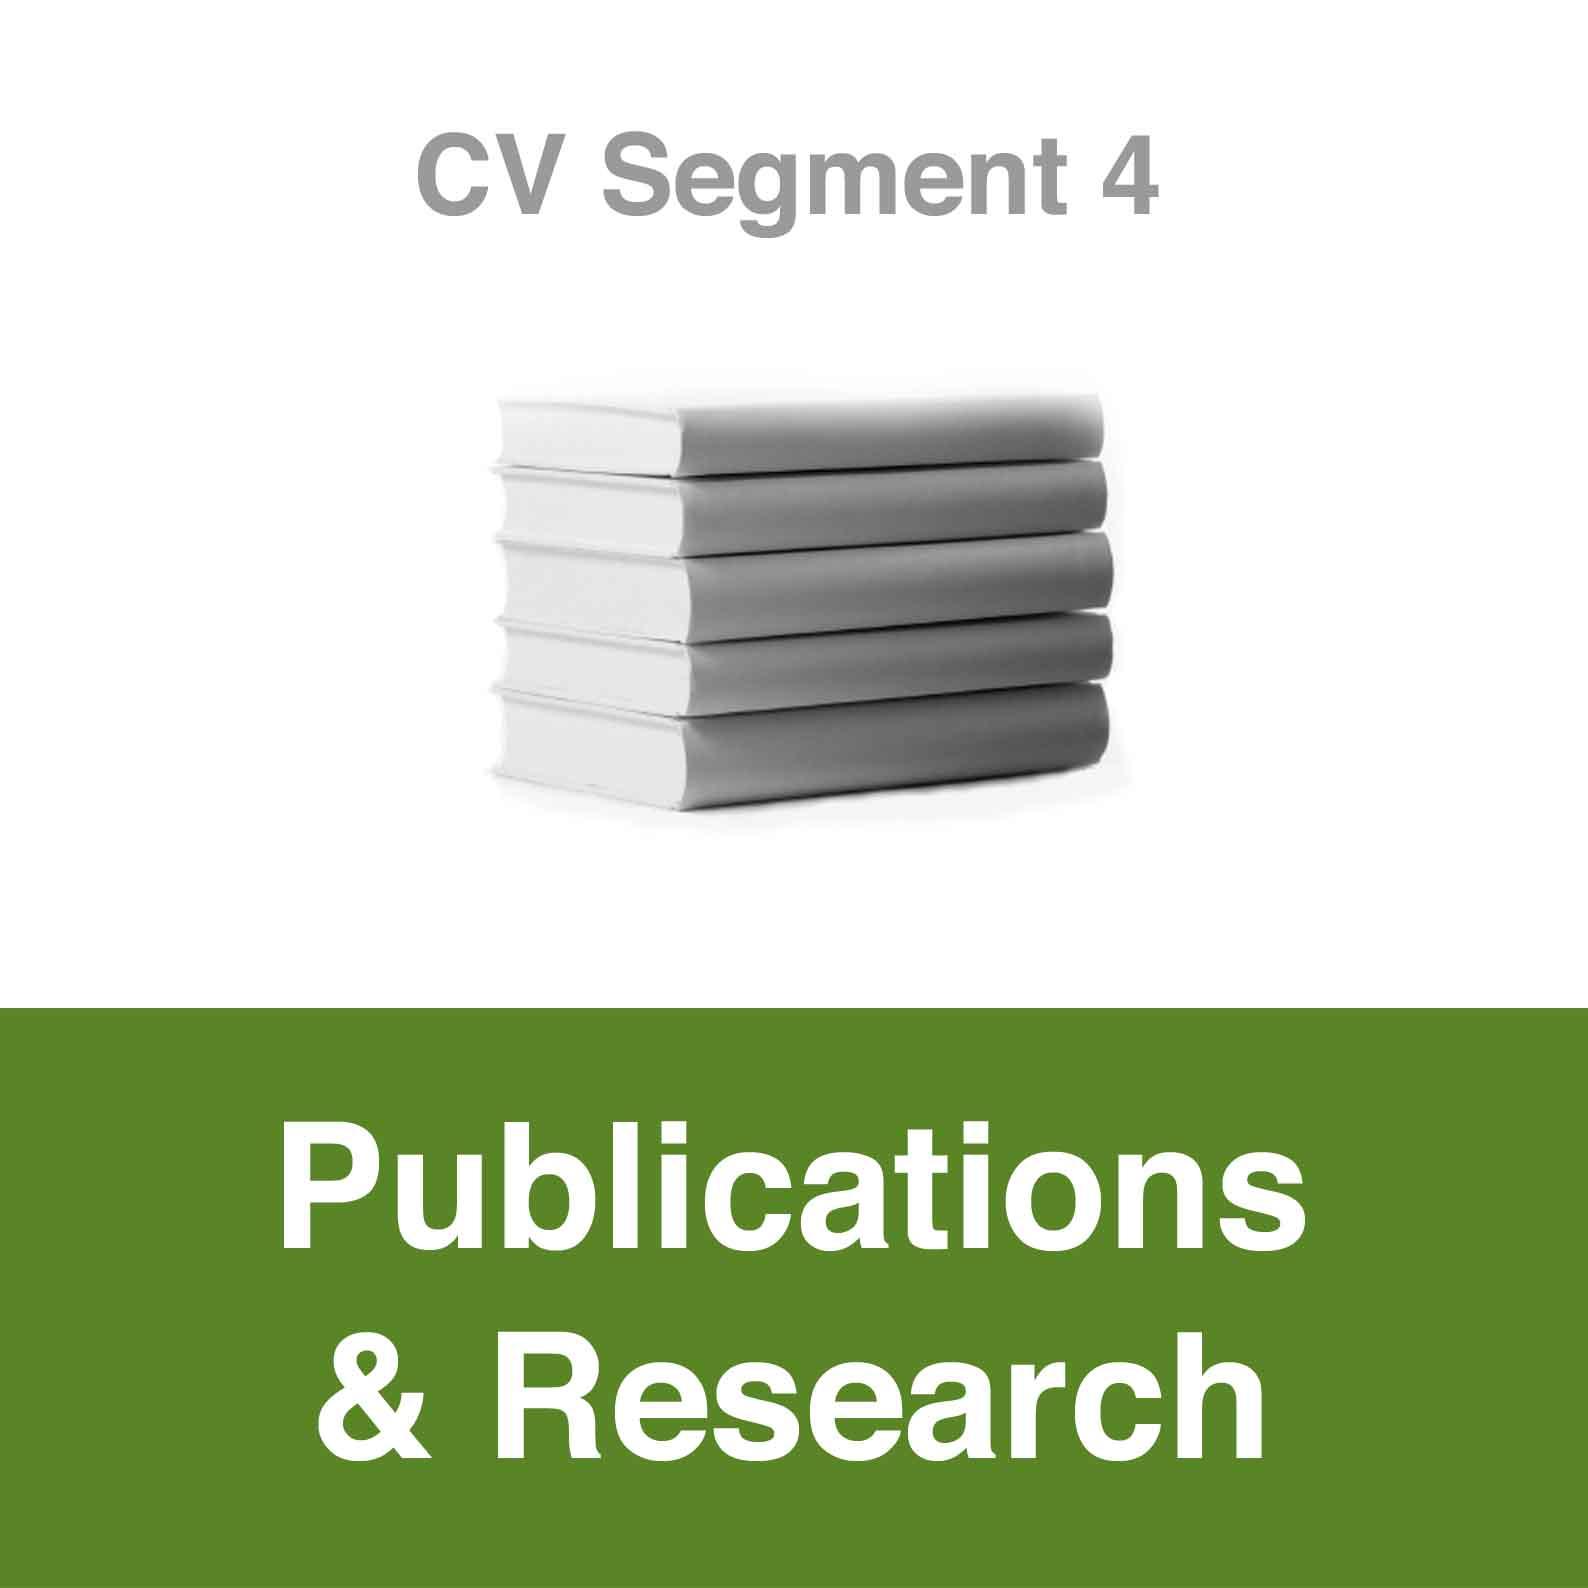 CVPg-Publ-USE.jpg